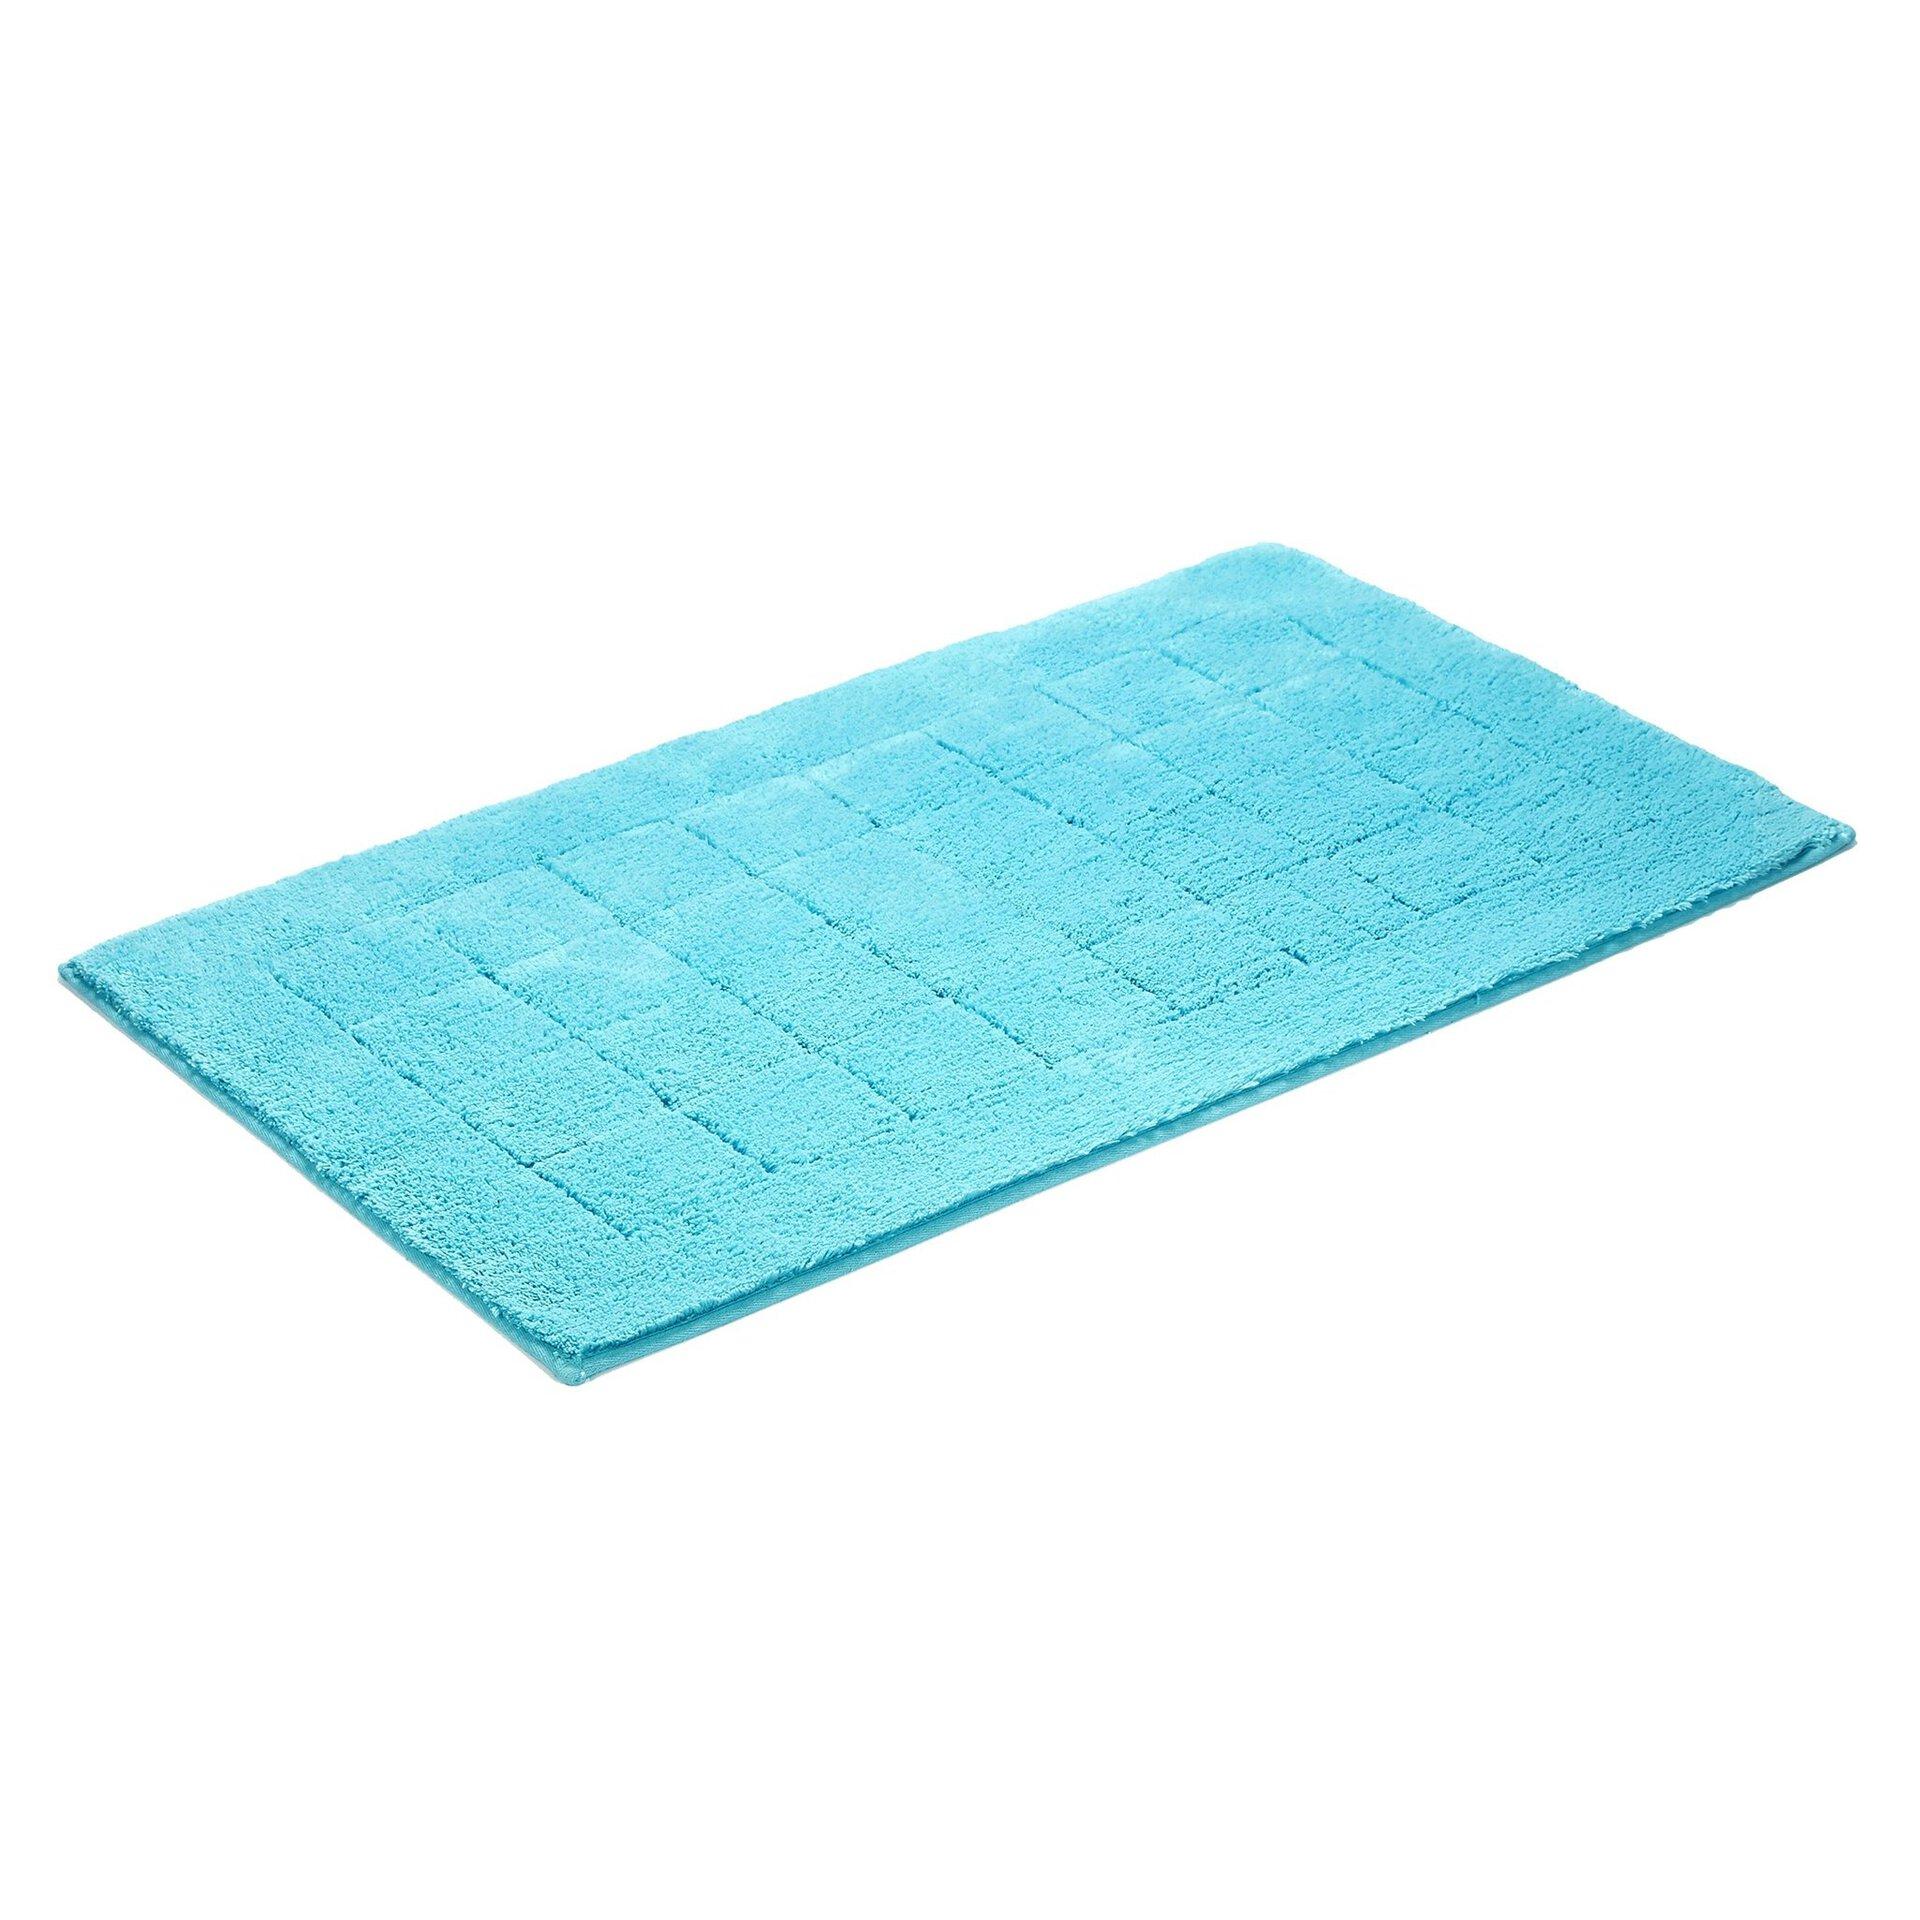 Badteppich Exclusive Vossen Textil Blau 67 x 120 cm